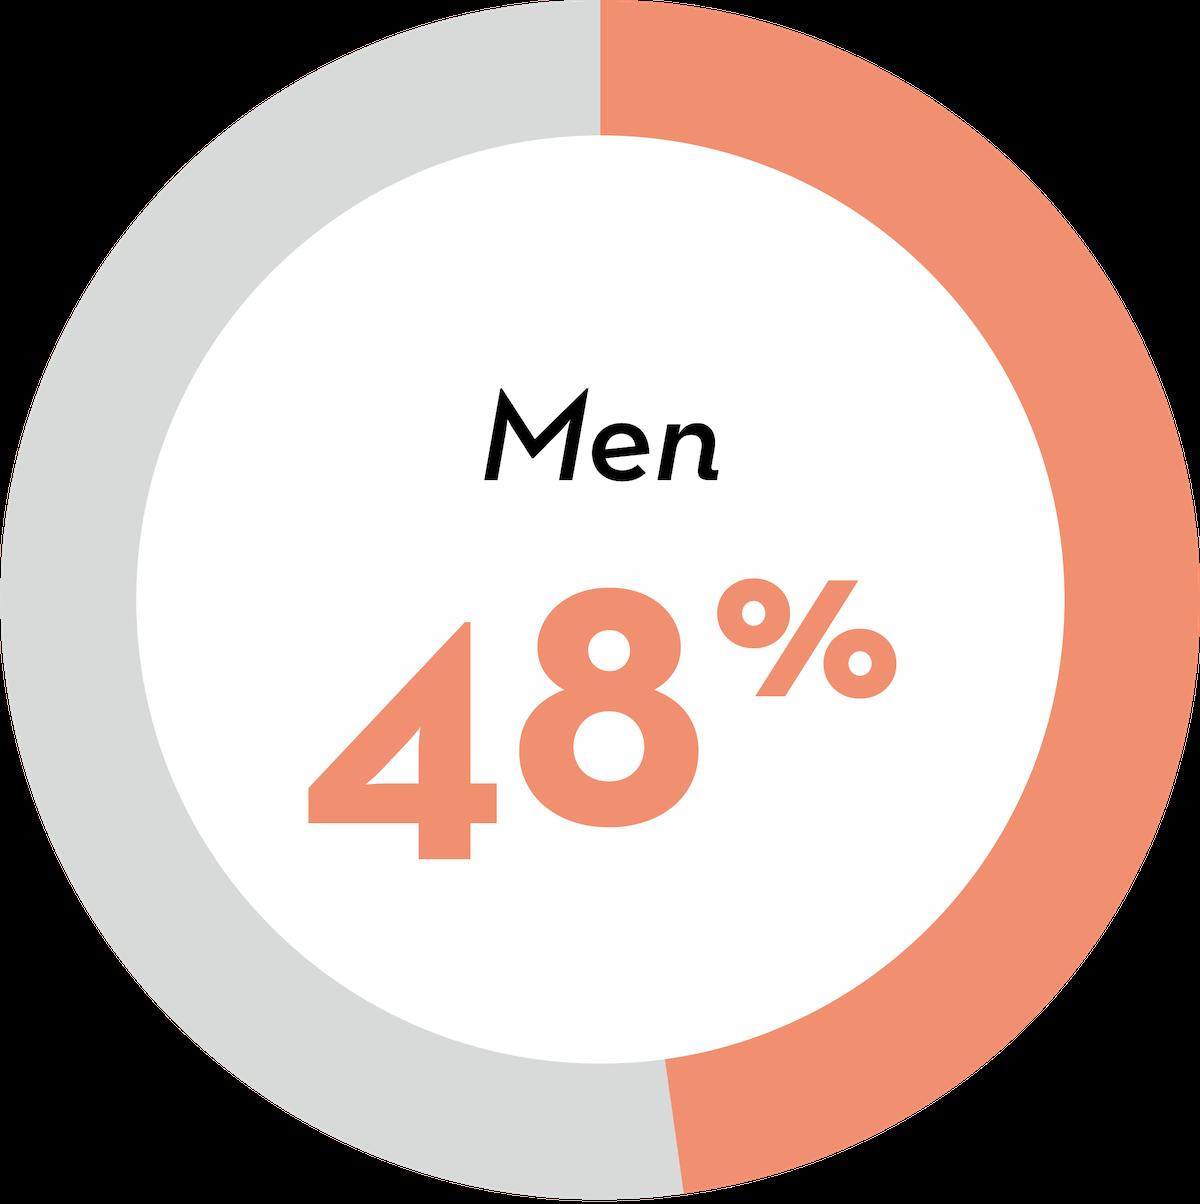 Men: 48 percent